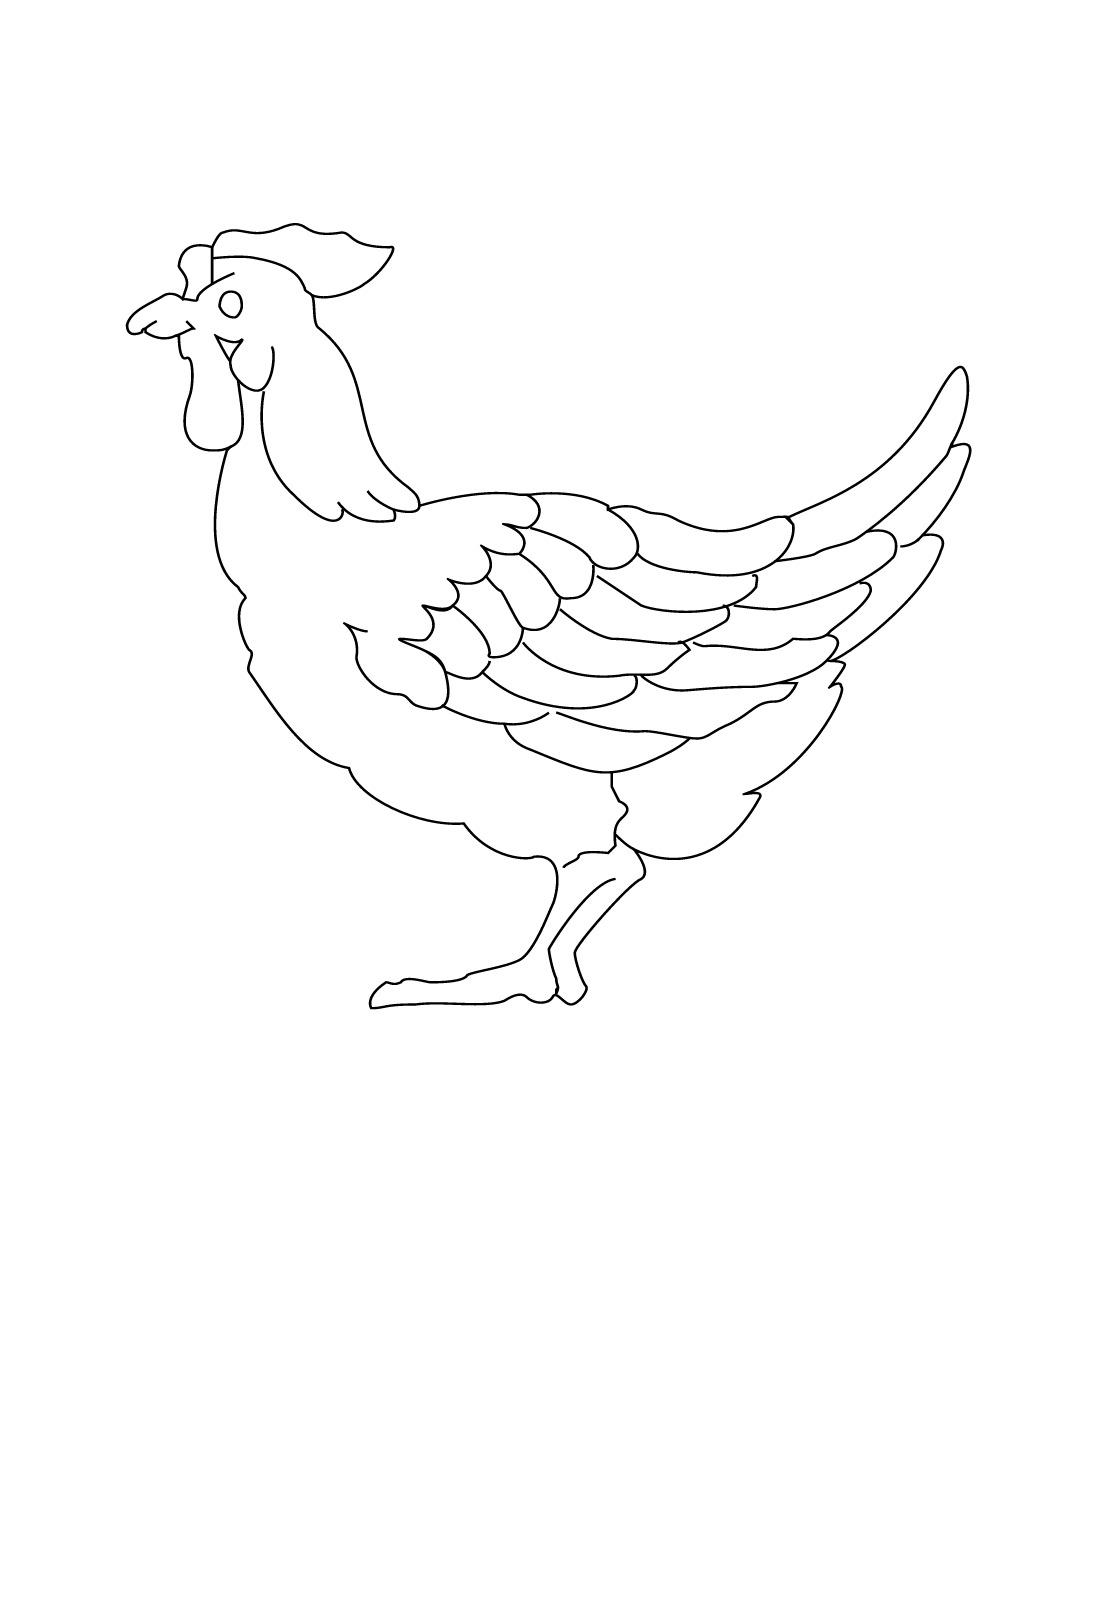 dessin � colorier de raie